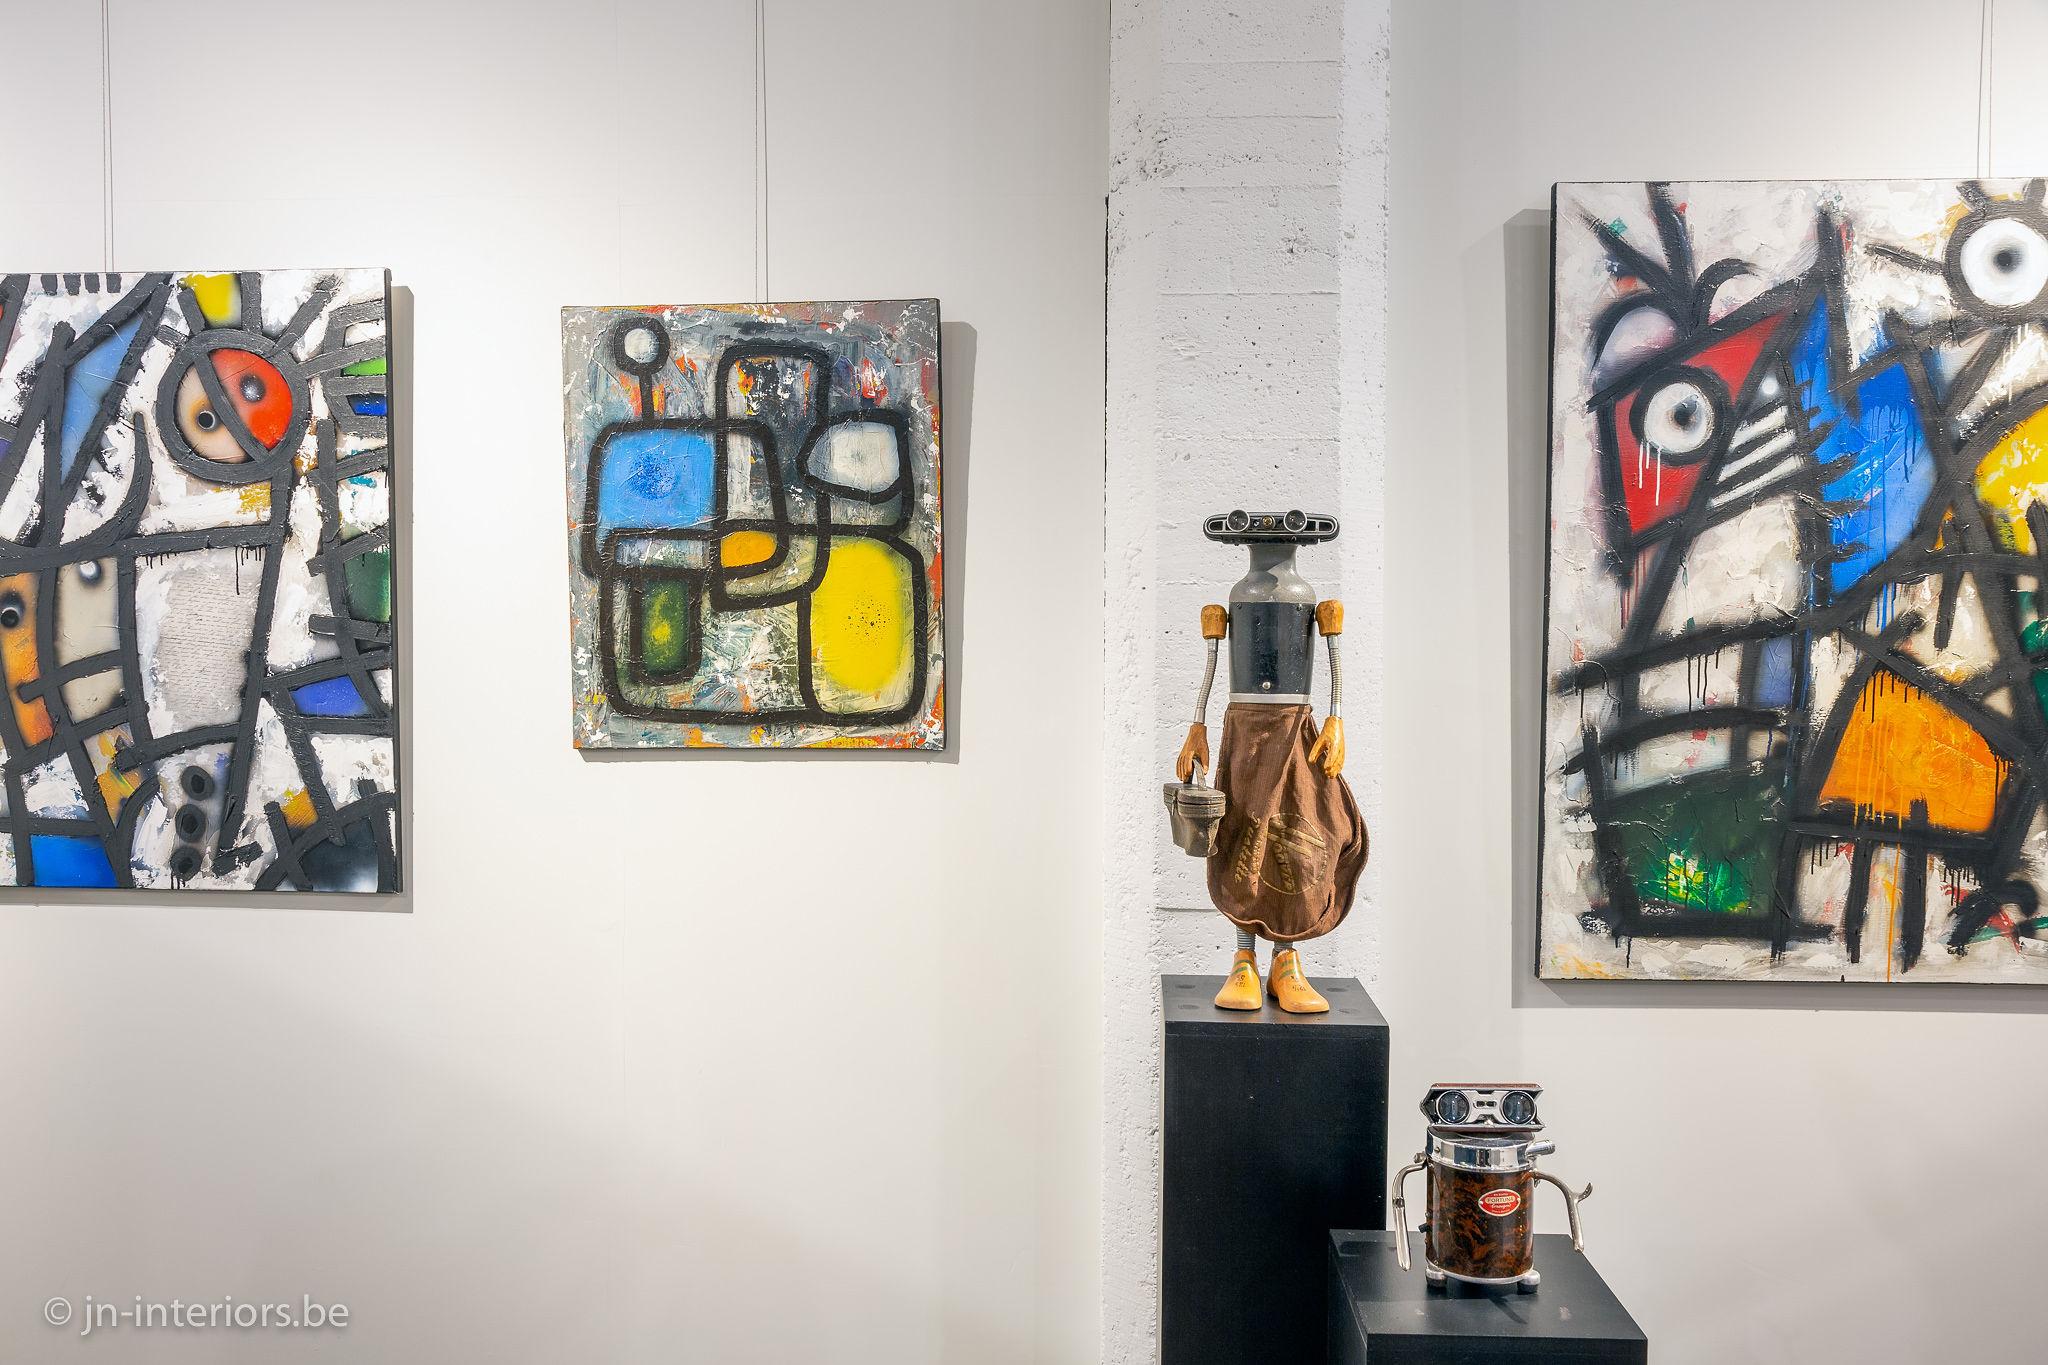 sculpture robot, art mécanique, tableaux colorés, tableaux abstraits, artiste belge, exposition d'art, art abstrait, jn interiors, magasin de décoration belgique, jn interiors, jour et nuit liège verviers